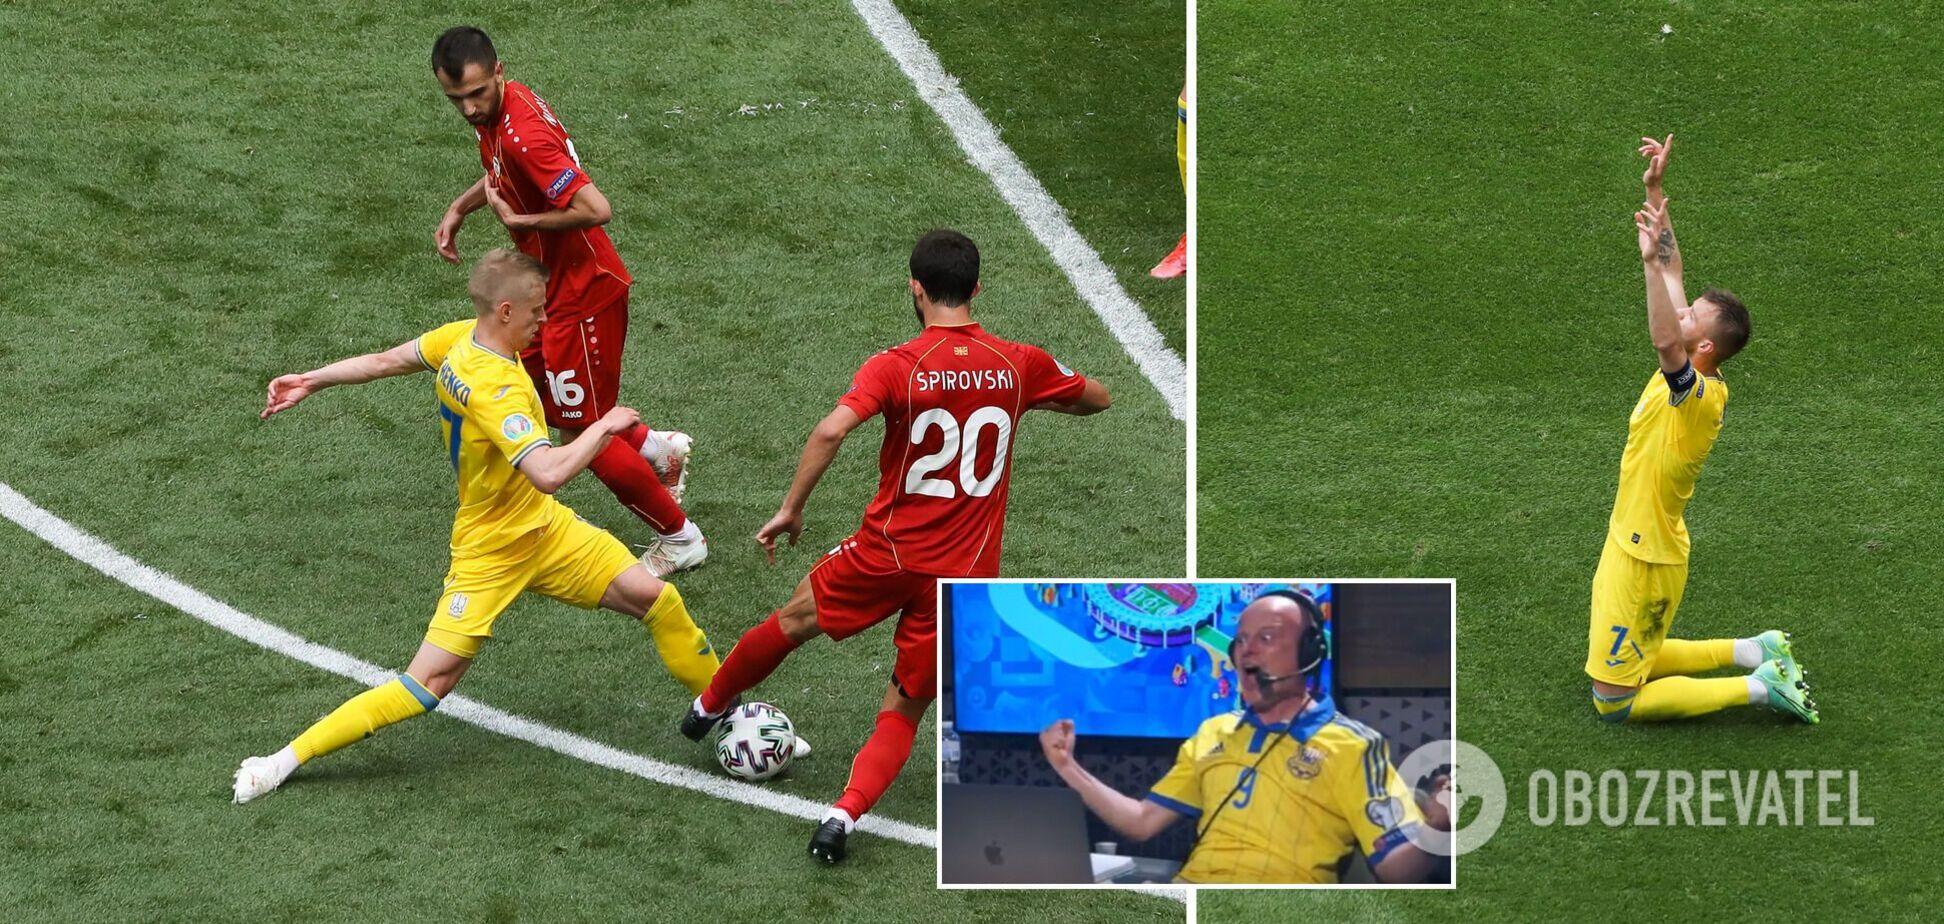 Появилось видео невероятных эмоций комментатора Вацко во время матча Евро-2020 с Македонией